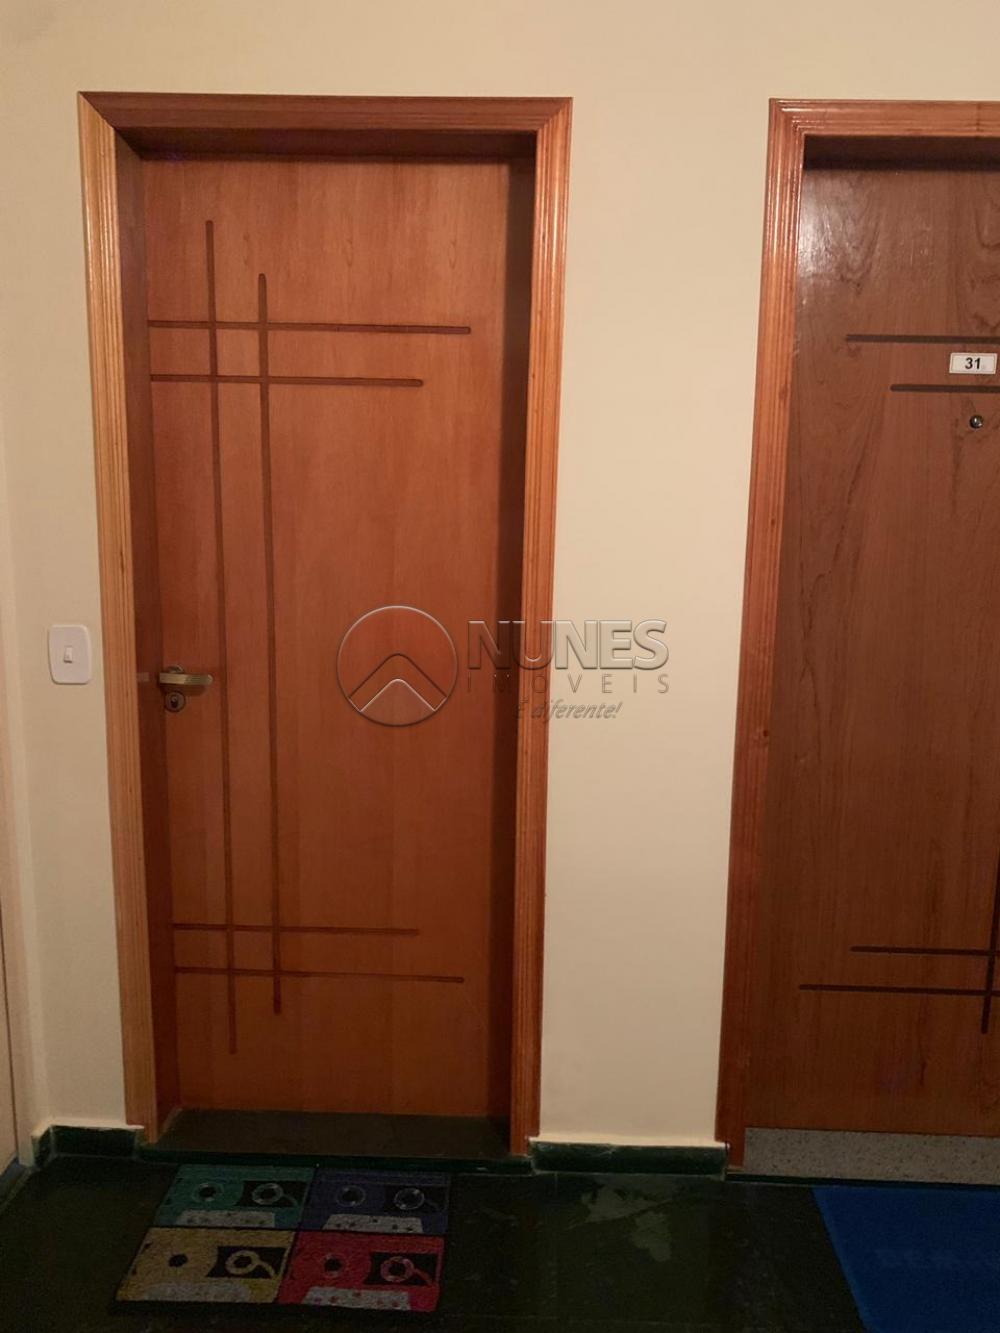 Comprar Apartamento / Padrão em Osasco apenas R$ 210.000,00 - Foto 14